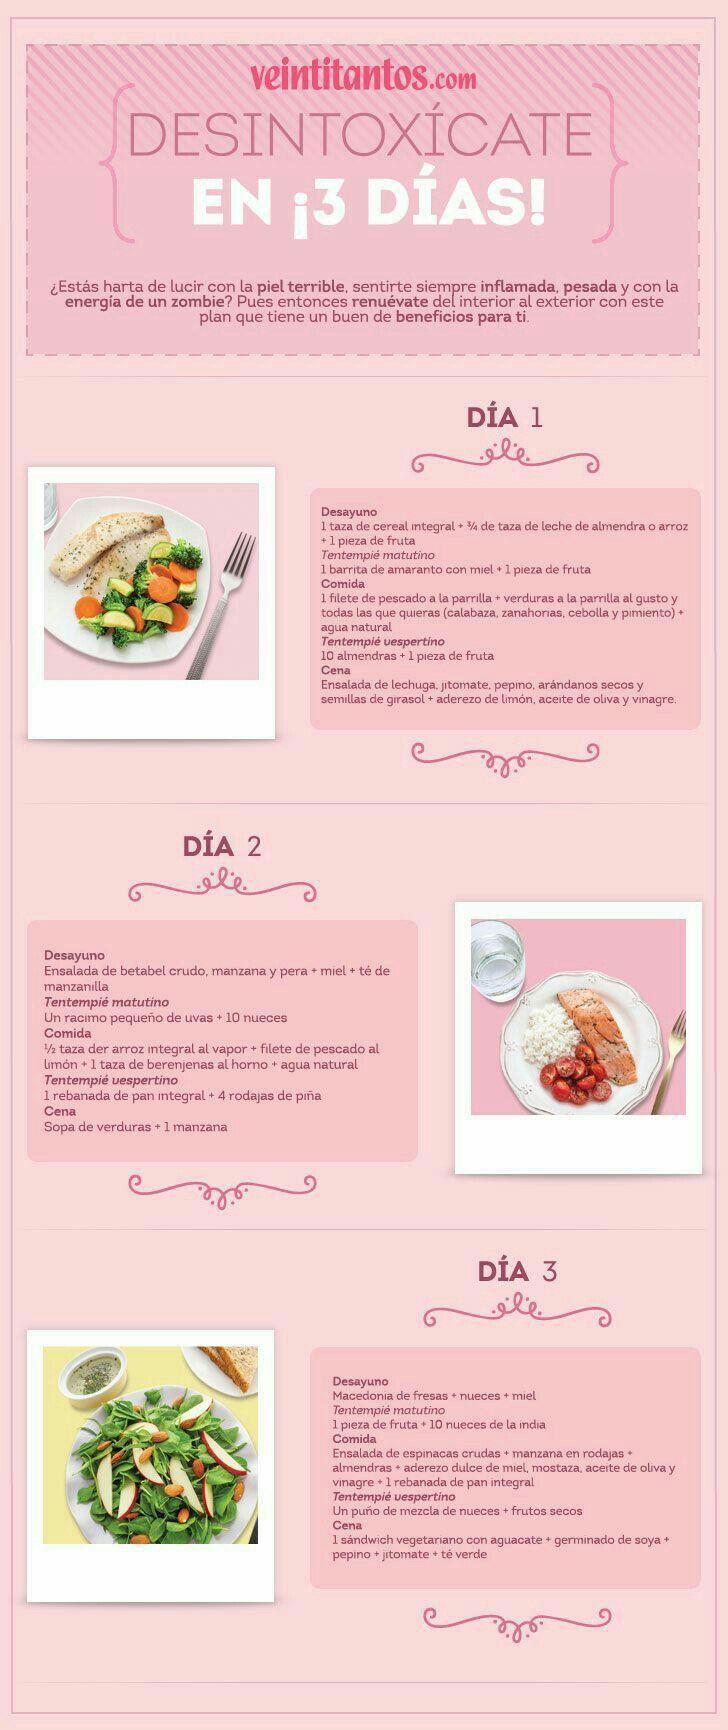 Dieta D 3 Dias Para Desintoxicar El Cuerpo Workout Food Natural Detox Dieta Detox